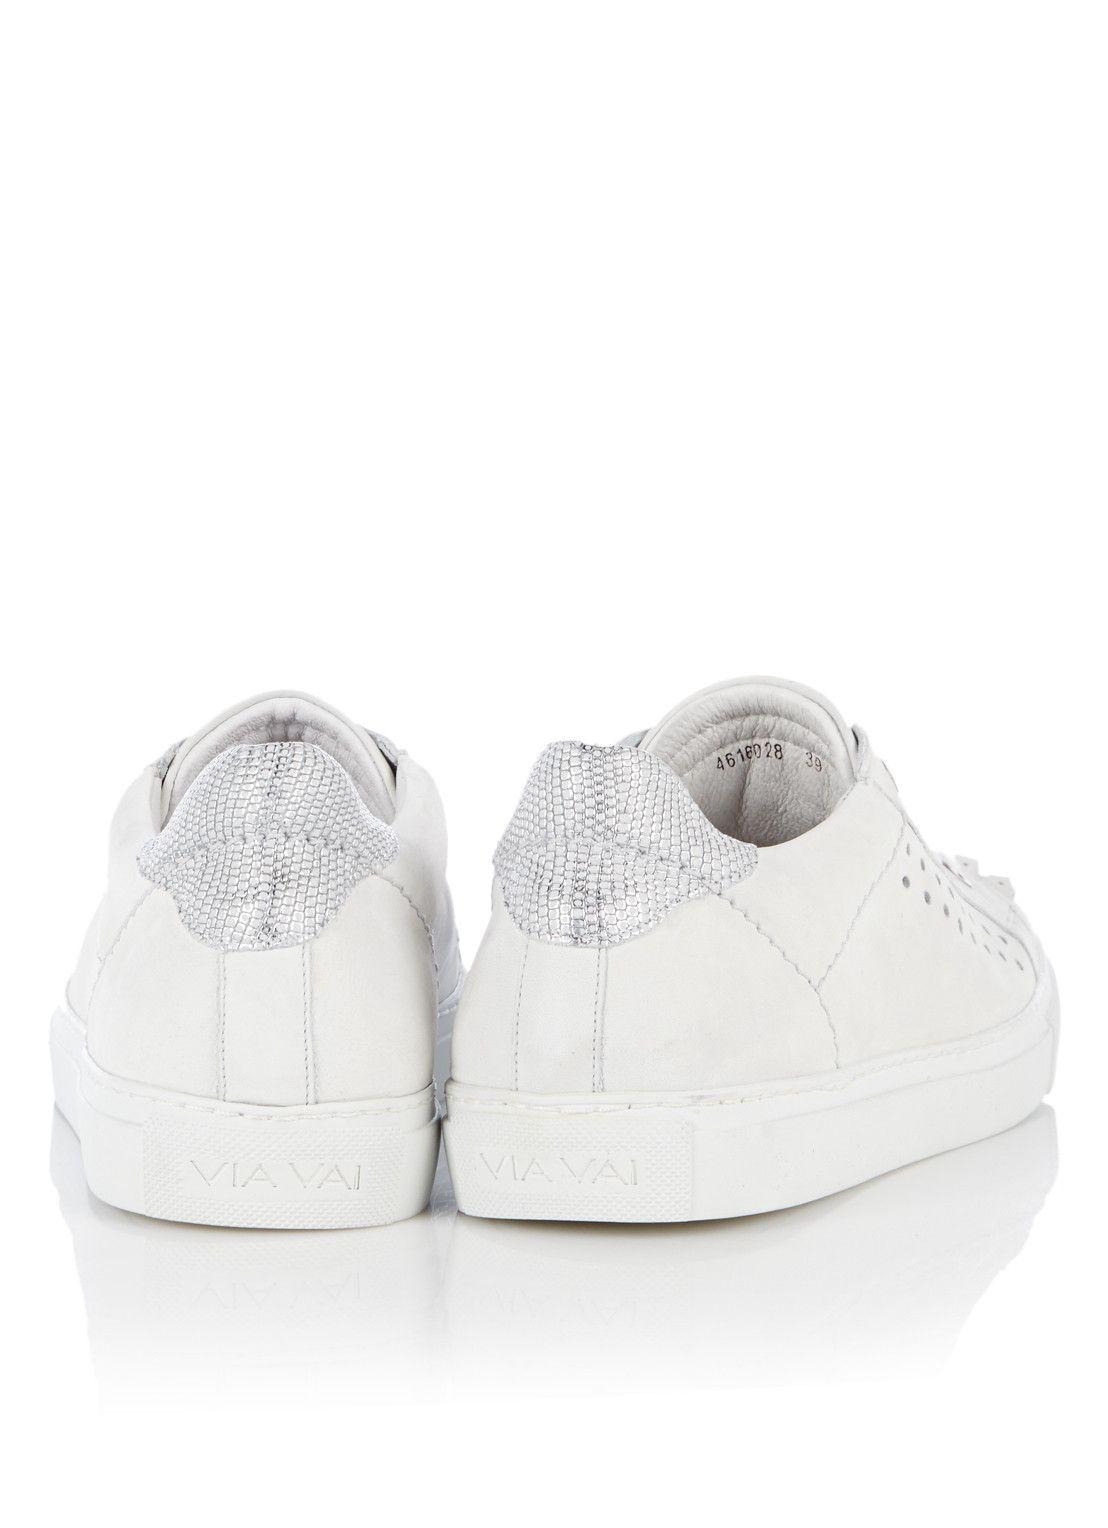 <p>Sneaker Nevada van Via Vai, een edgy en eigentijds ontwerp. Dit lage model is vervaardigd uit een zachte leerkwaliteit en is uitgerust met een uitneembaar voetbed. Op de neus is een decoratieve franje-applique bevestigd en de hiel is verrijkt met een metallic detail. De sneaker is afgewerkt met perforaties en een sportieve rubberzool, voor optimaal draagcomfort.</p><p>Gebruik een onderhoudsmiddel van Jason Markk om dit paar schoenen langer mooi te houden.</p>